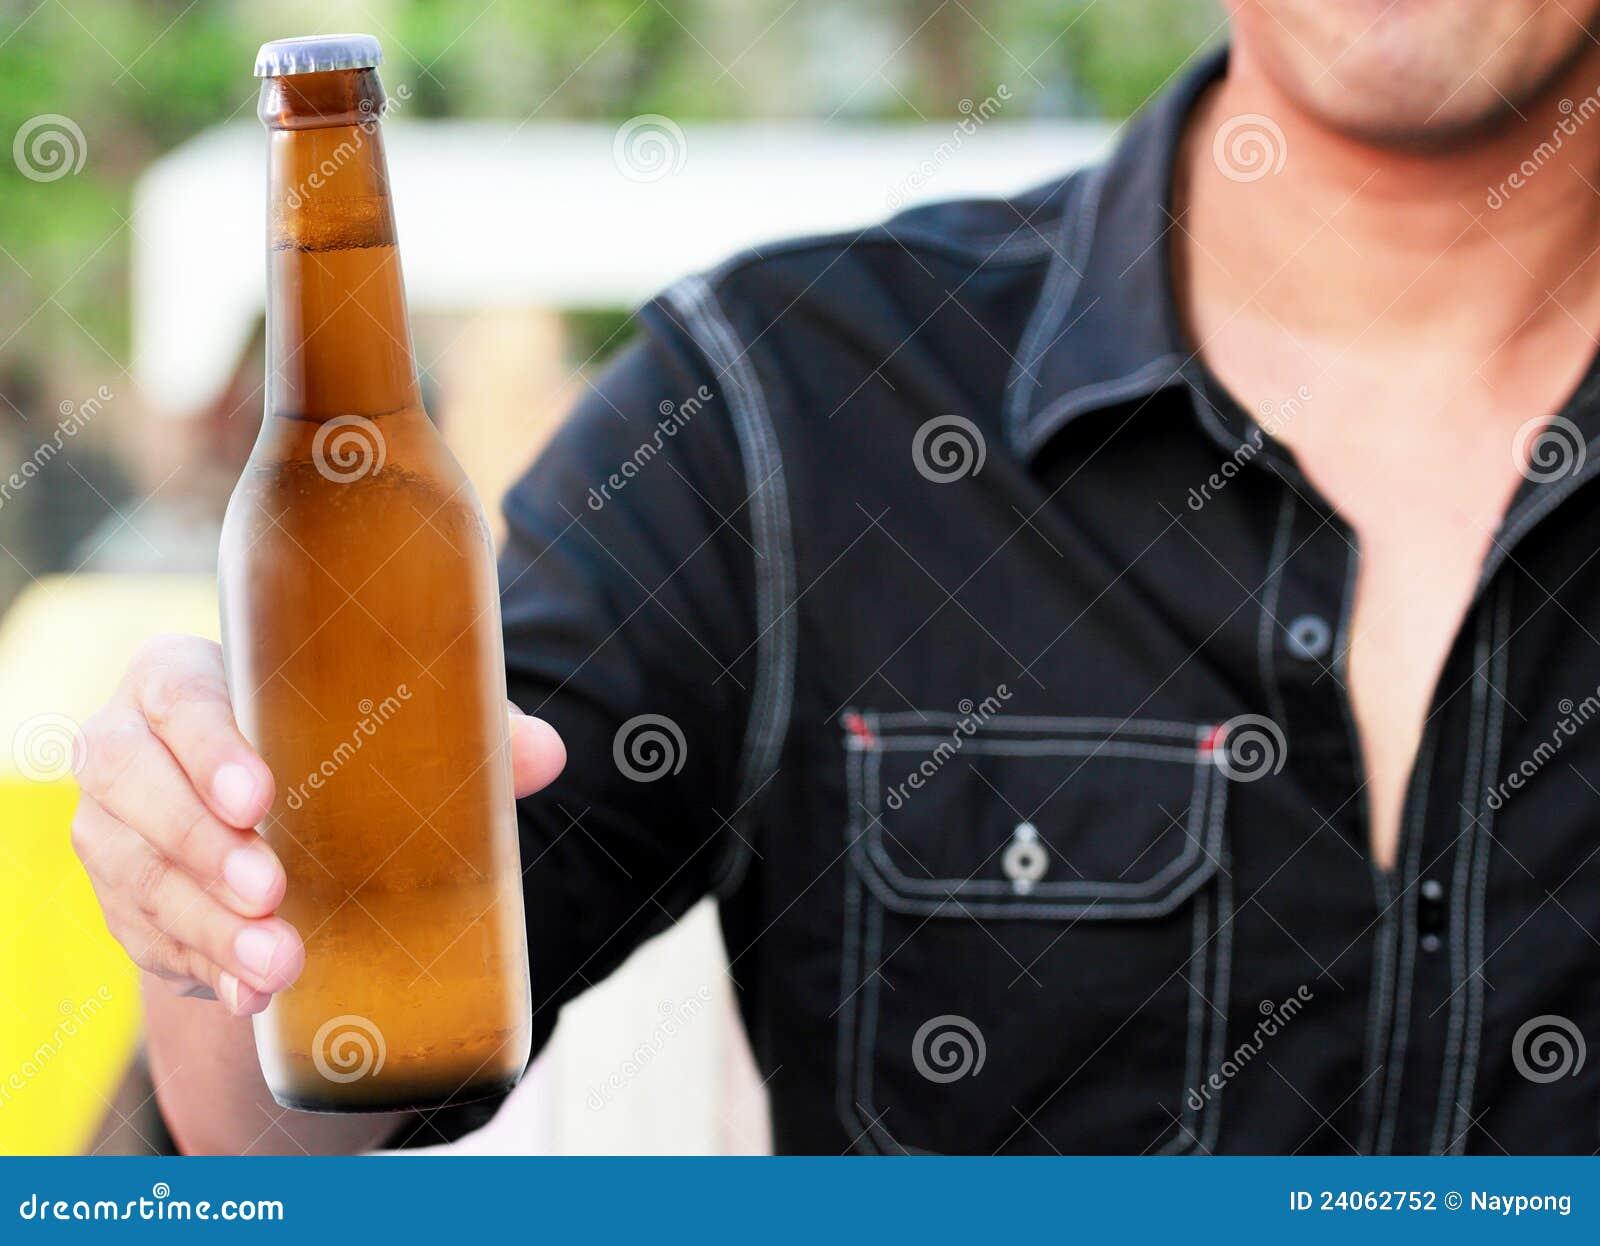 Botella de cerveza a disposición